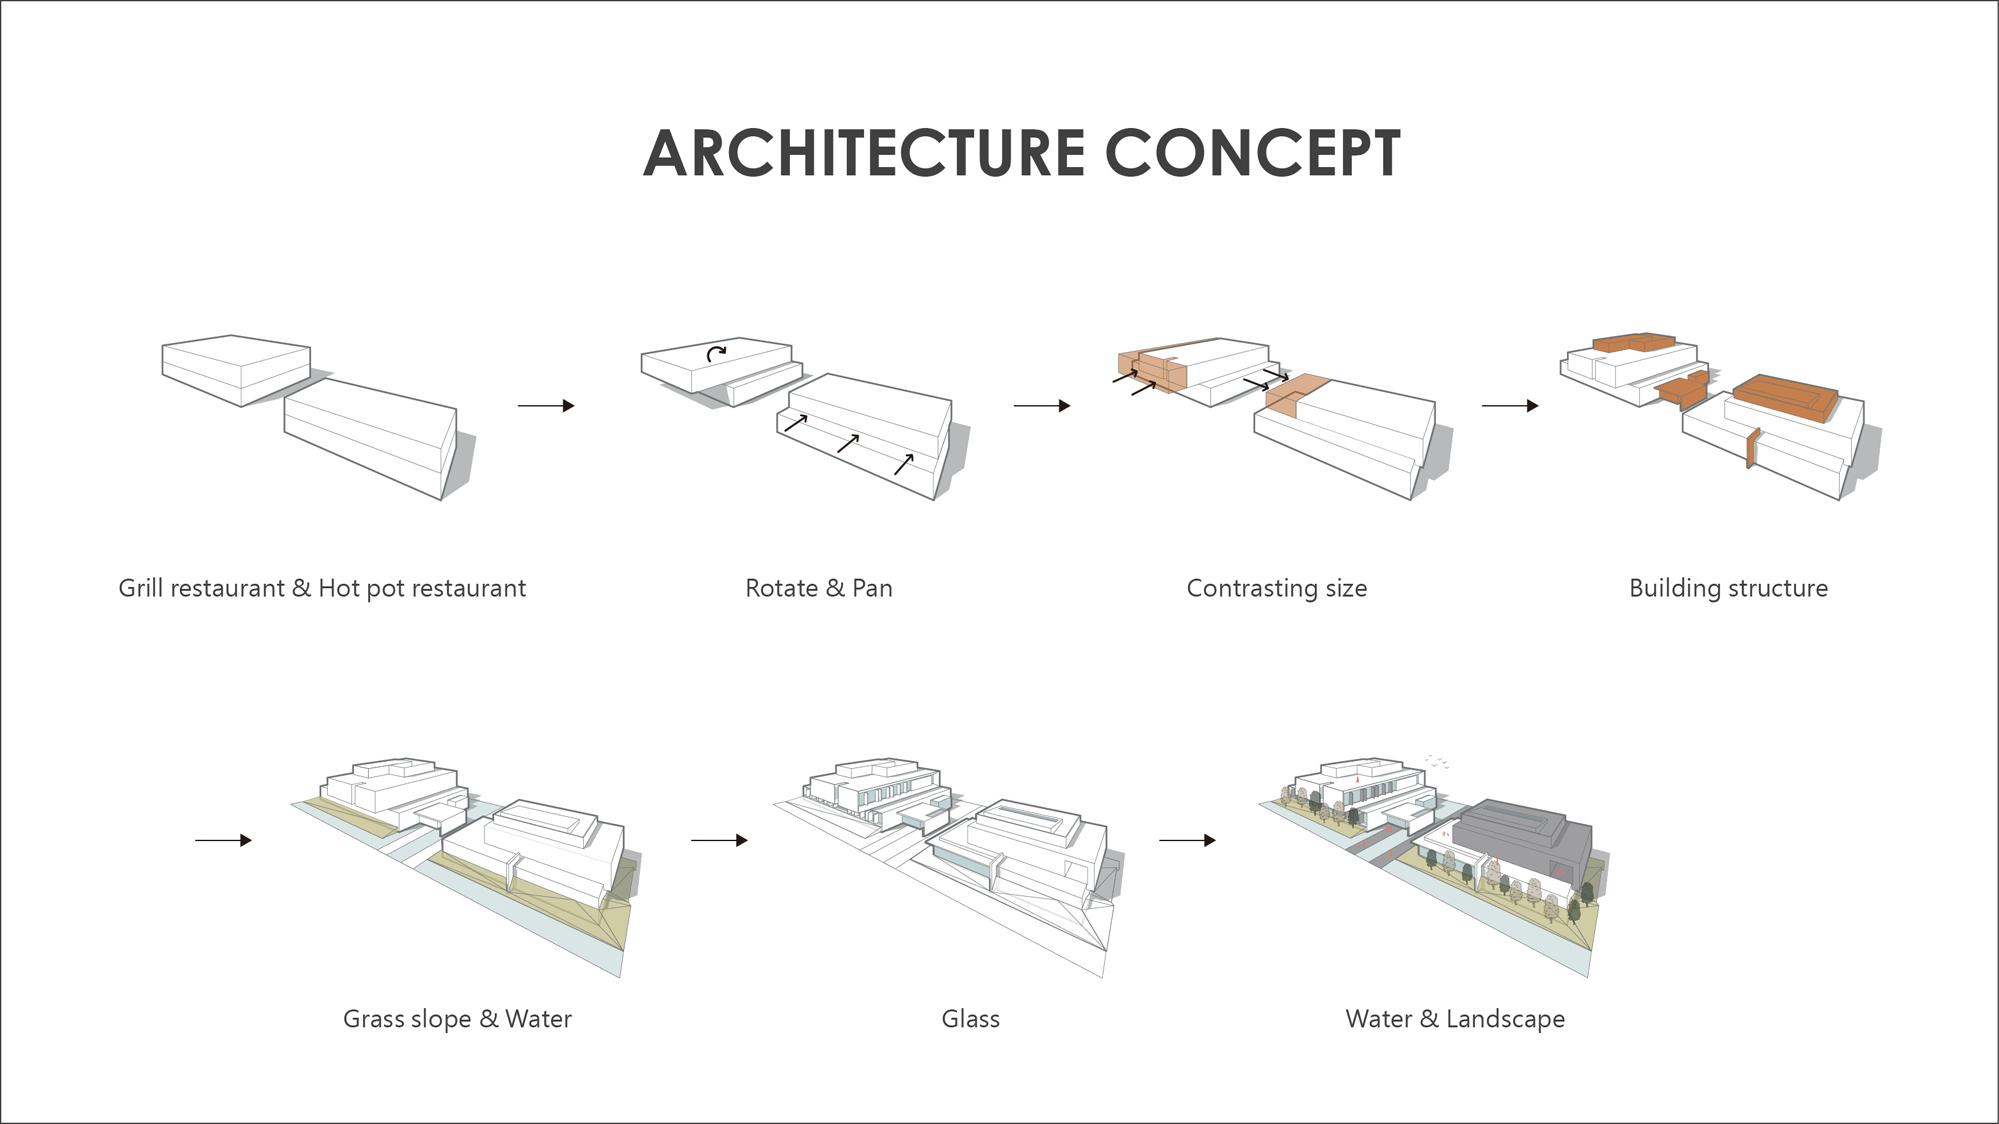 ARCHITECTURE CONCEPT Chain10 Architecture & Interior Design Institute}